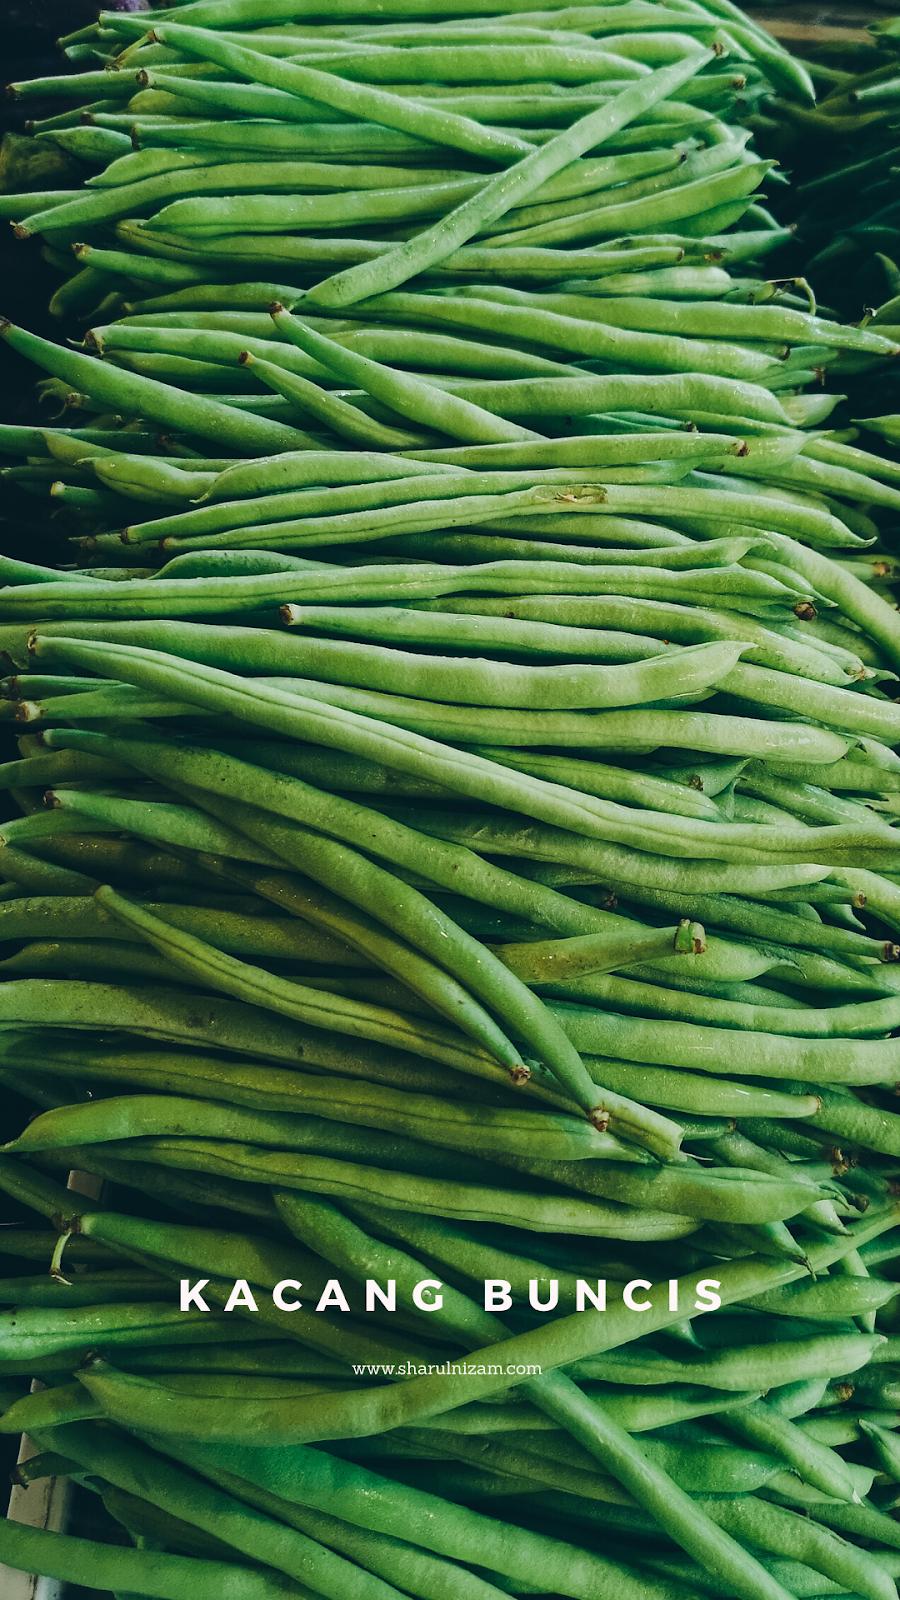 Sayur-sayuran Tempatan - Kacang Buncis